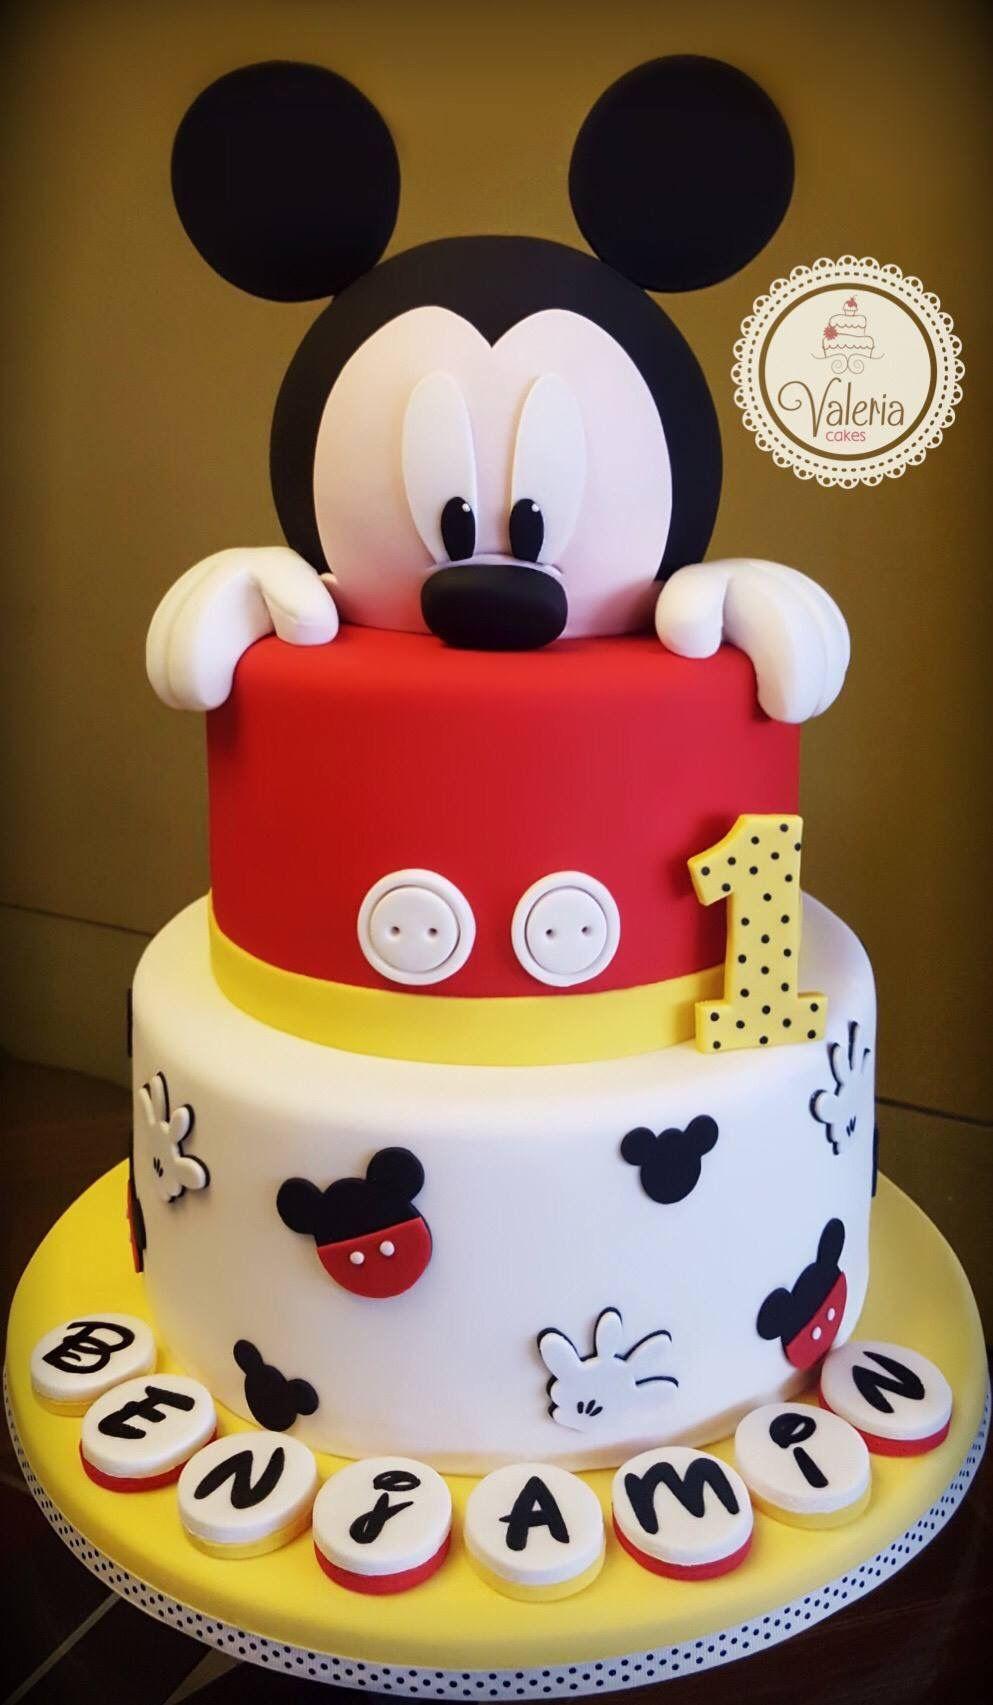 Mickey Cake Valeria Cakes Reposter 237 A Creativa Valeria